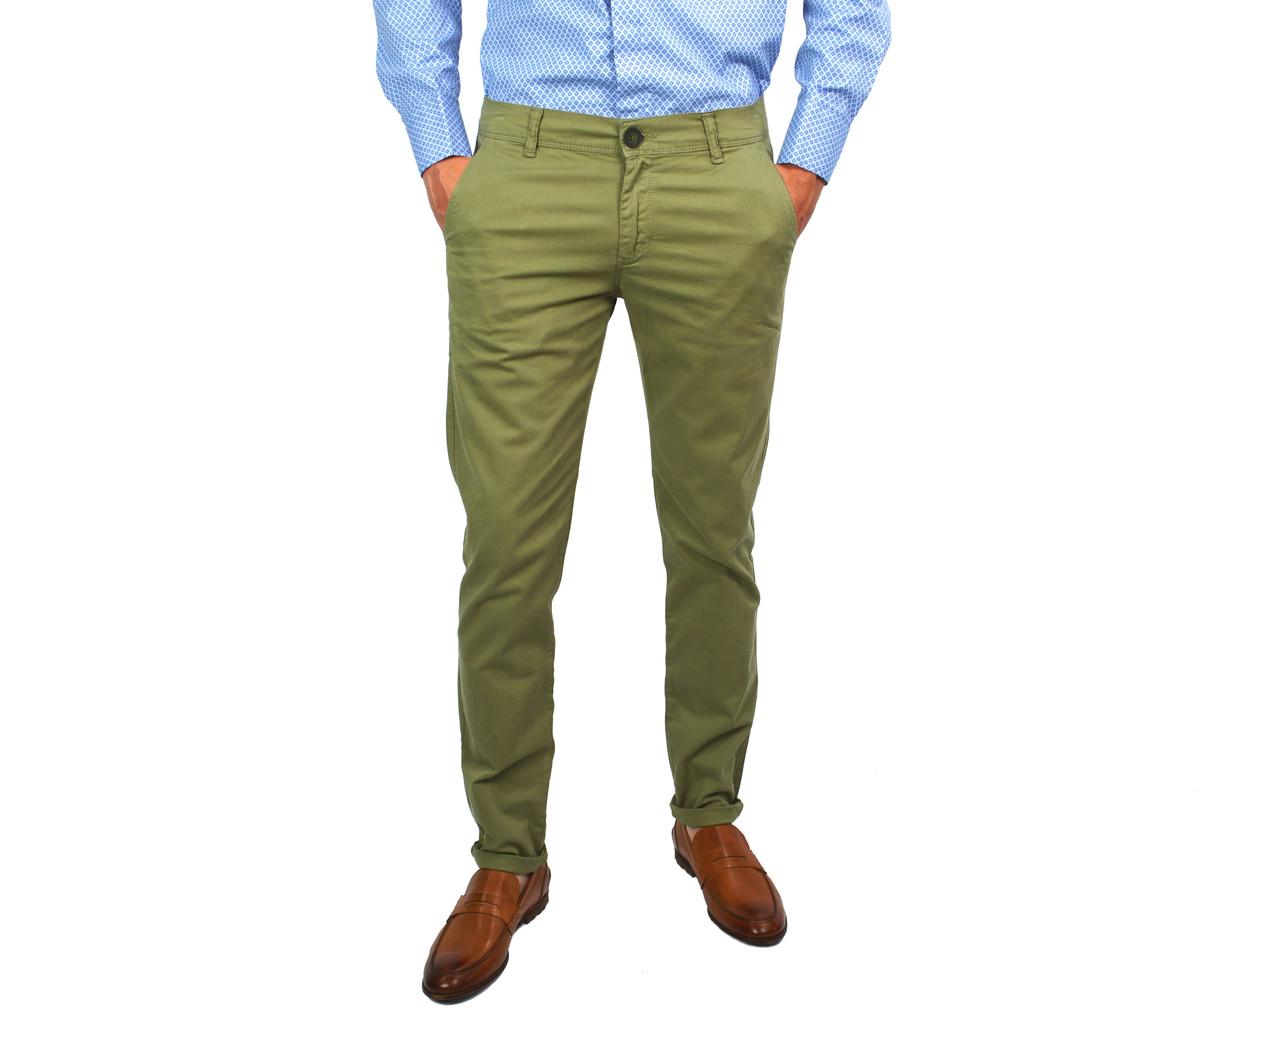 703735c0ea5 Однотонные мужские джинсы чинос зауженные GET OVER цвета хаки -